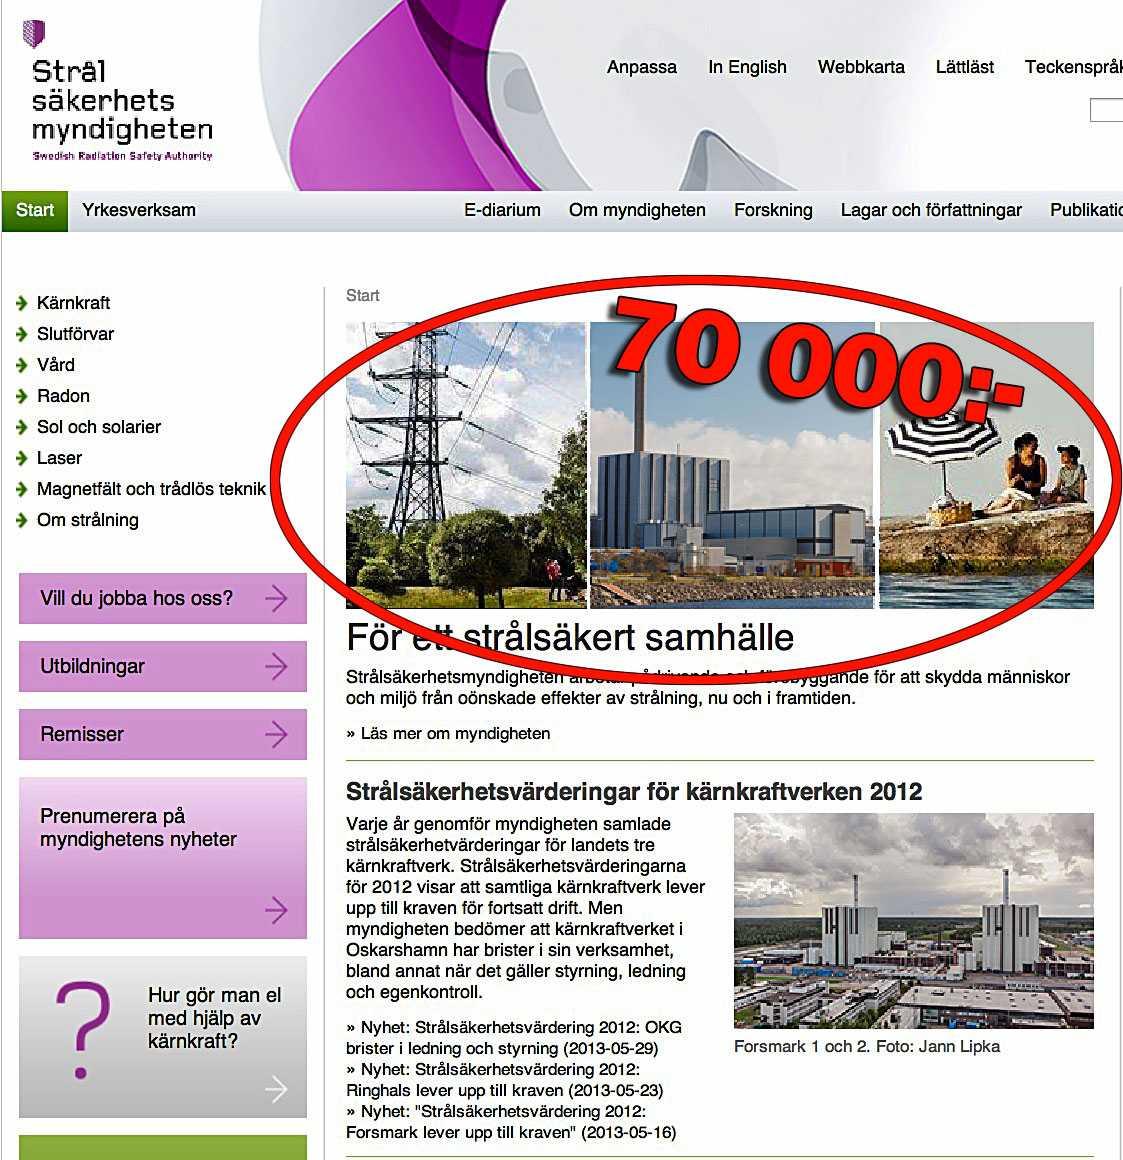 Dyr investering  Strålsäkerhetsmyndighetens hemsida pryds nu av foton på kärnkraftverk. Bilduppdraget gick till byrån Intellecta Corporate, som tog 70243 kronor för totalt sex bilder.